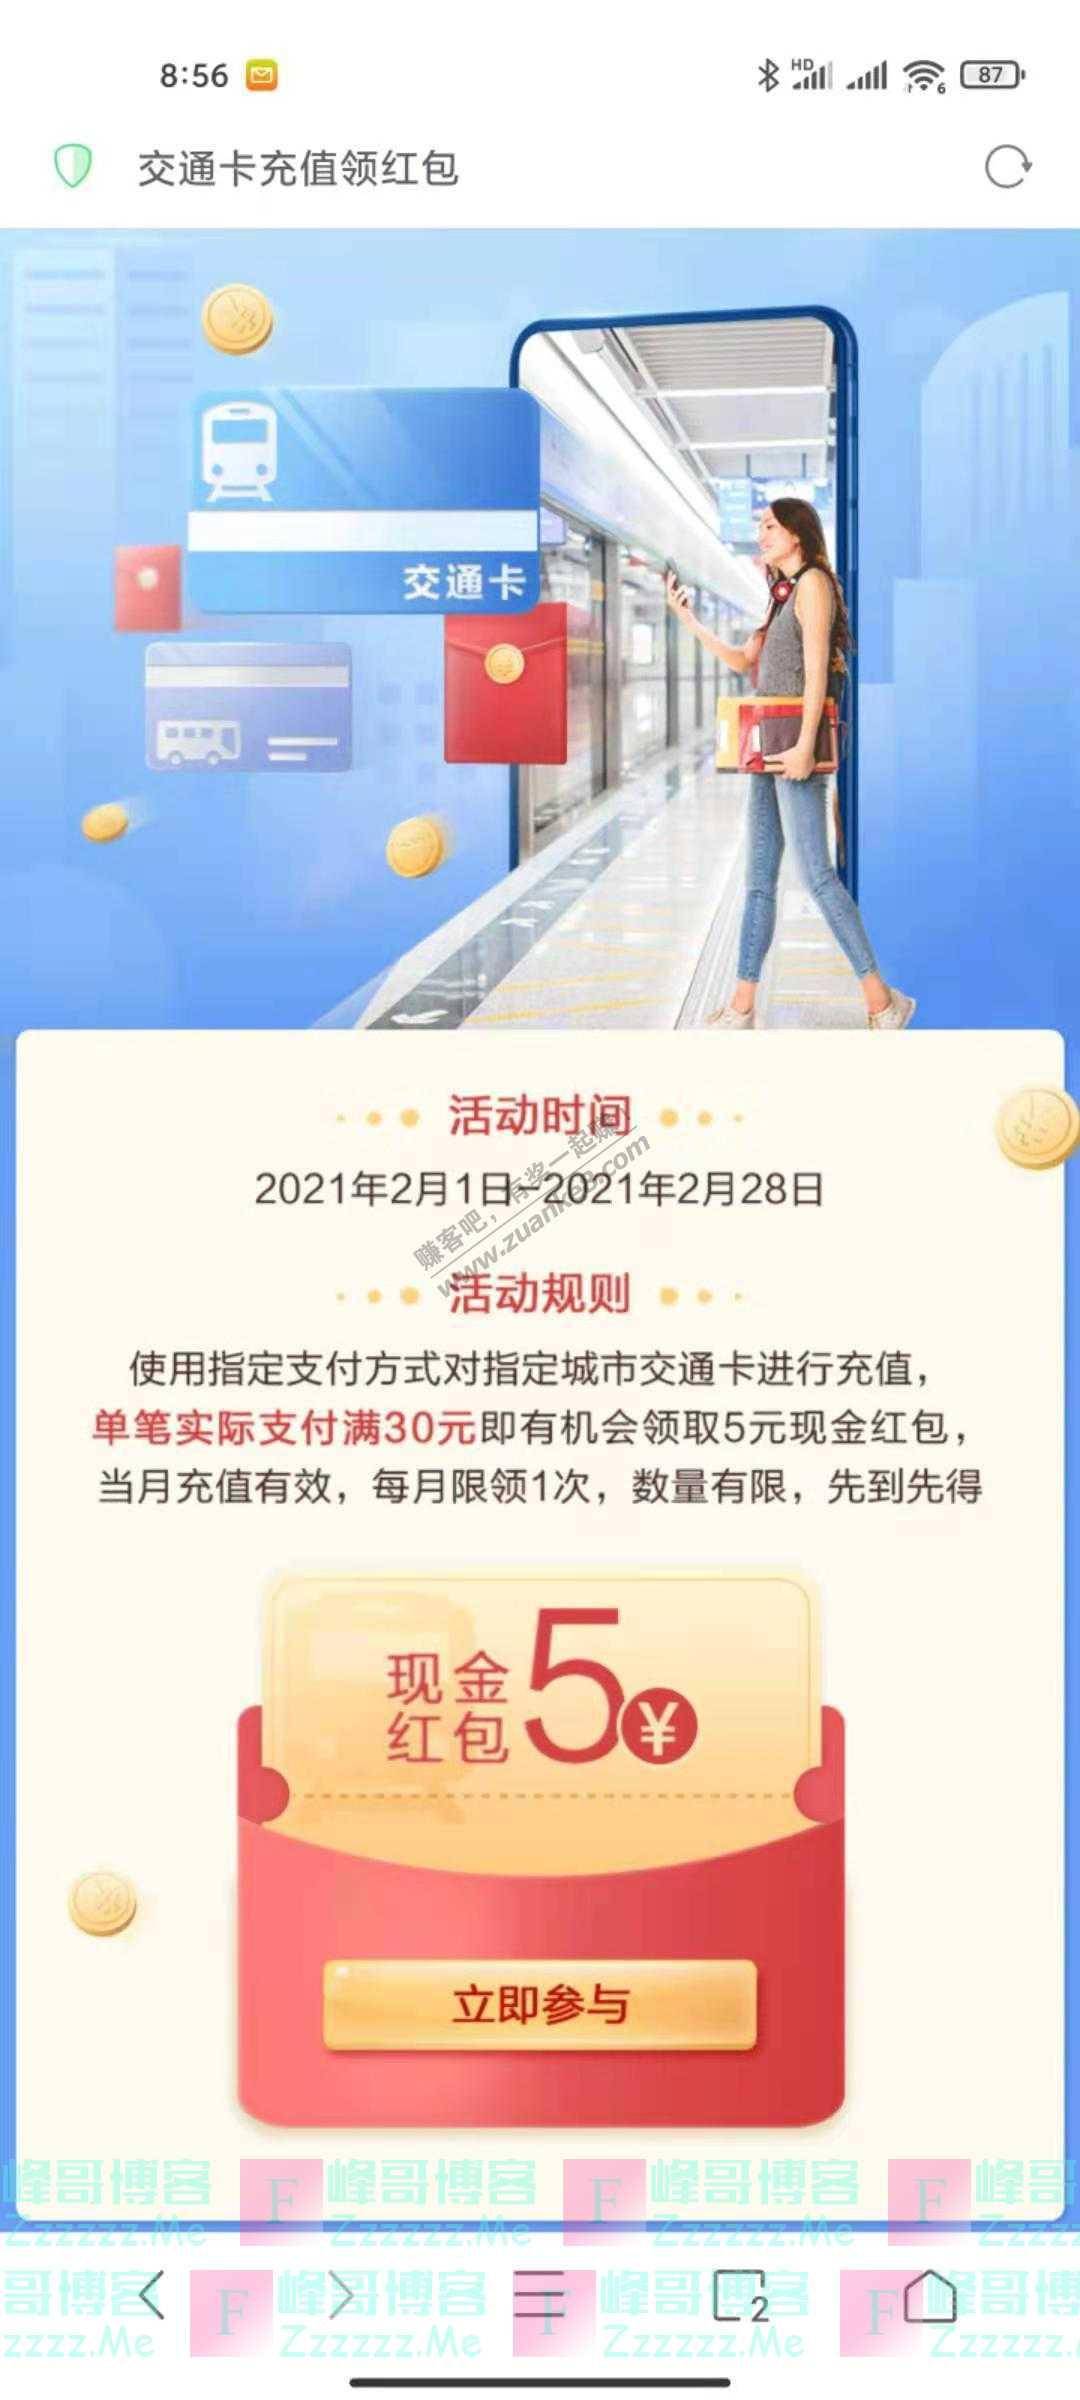 招商银行APP交通卡充值领红包(2月28日截止)